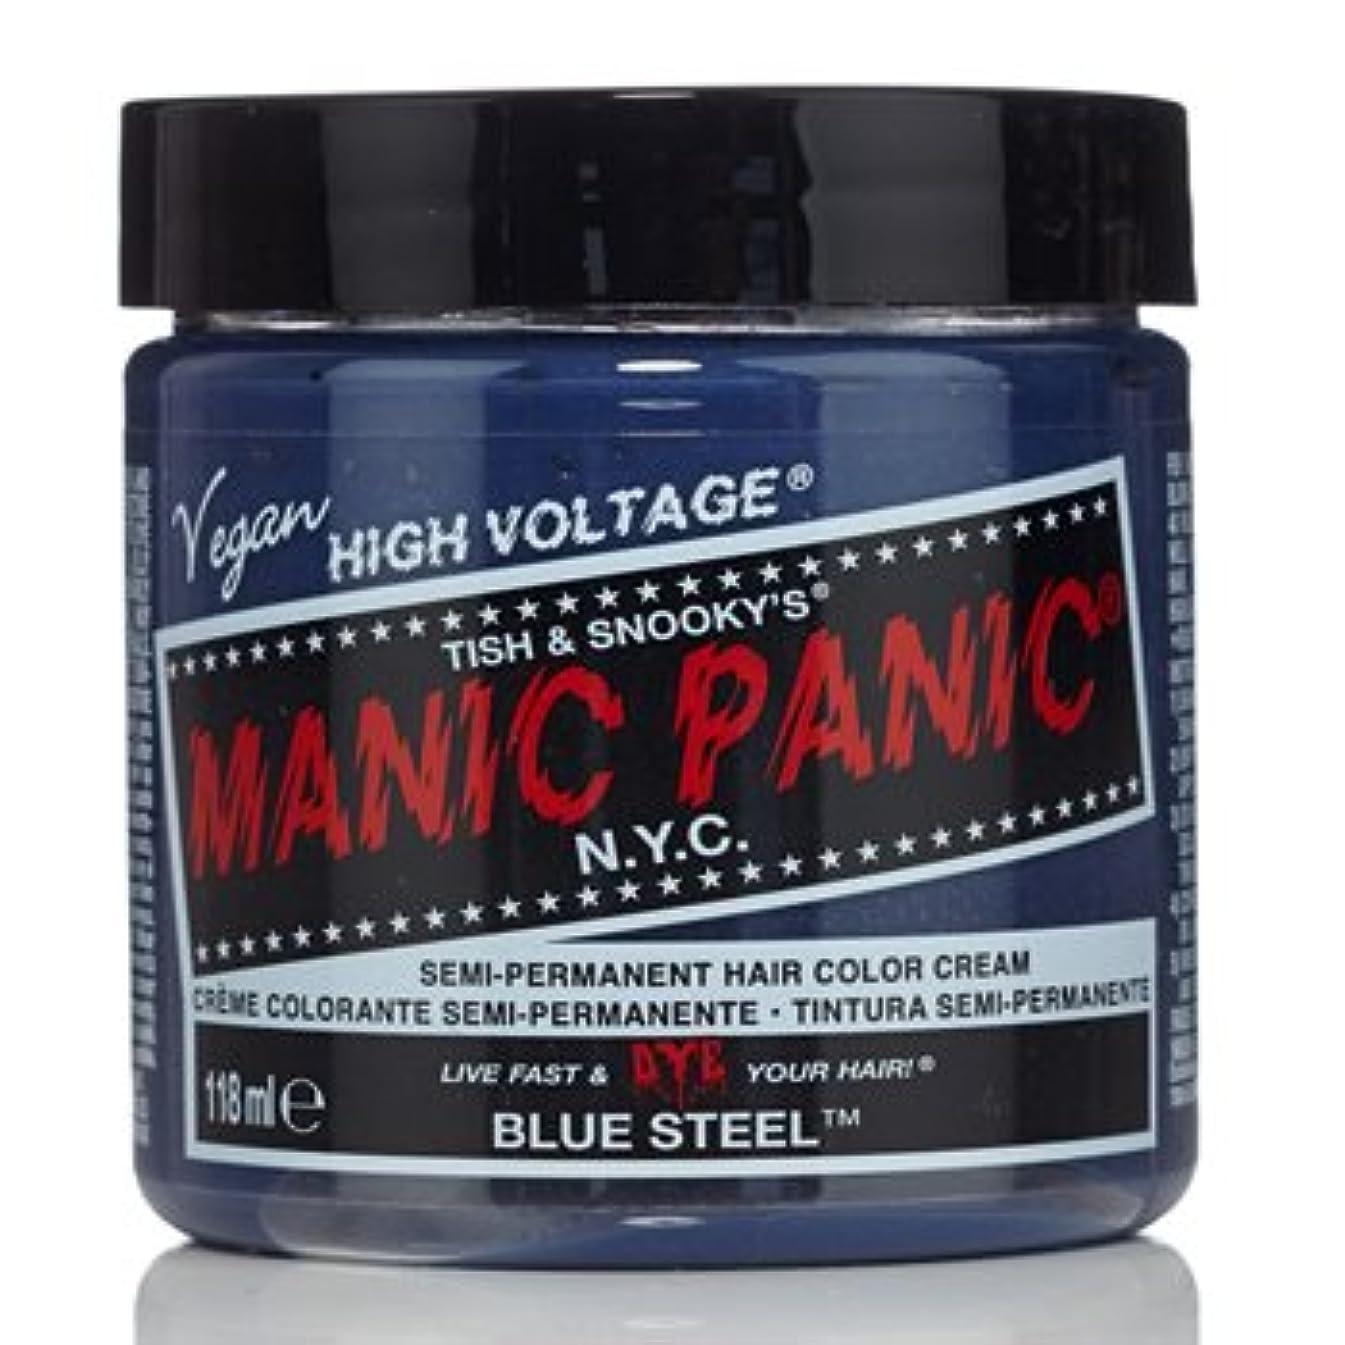 巧みな拍手する担保【3個セット】MANIC PANIC マニックパニック ブルースティール MC11052 118ml